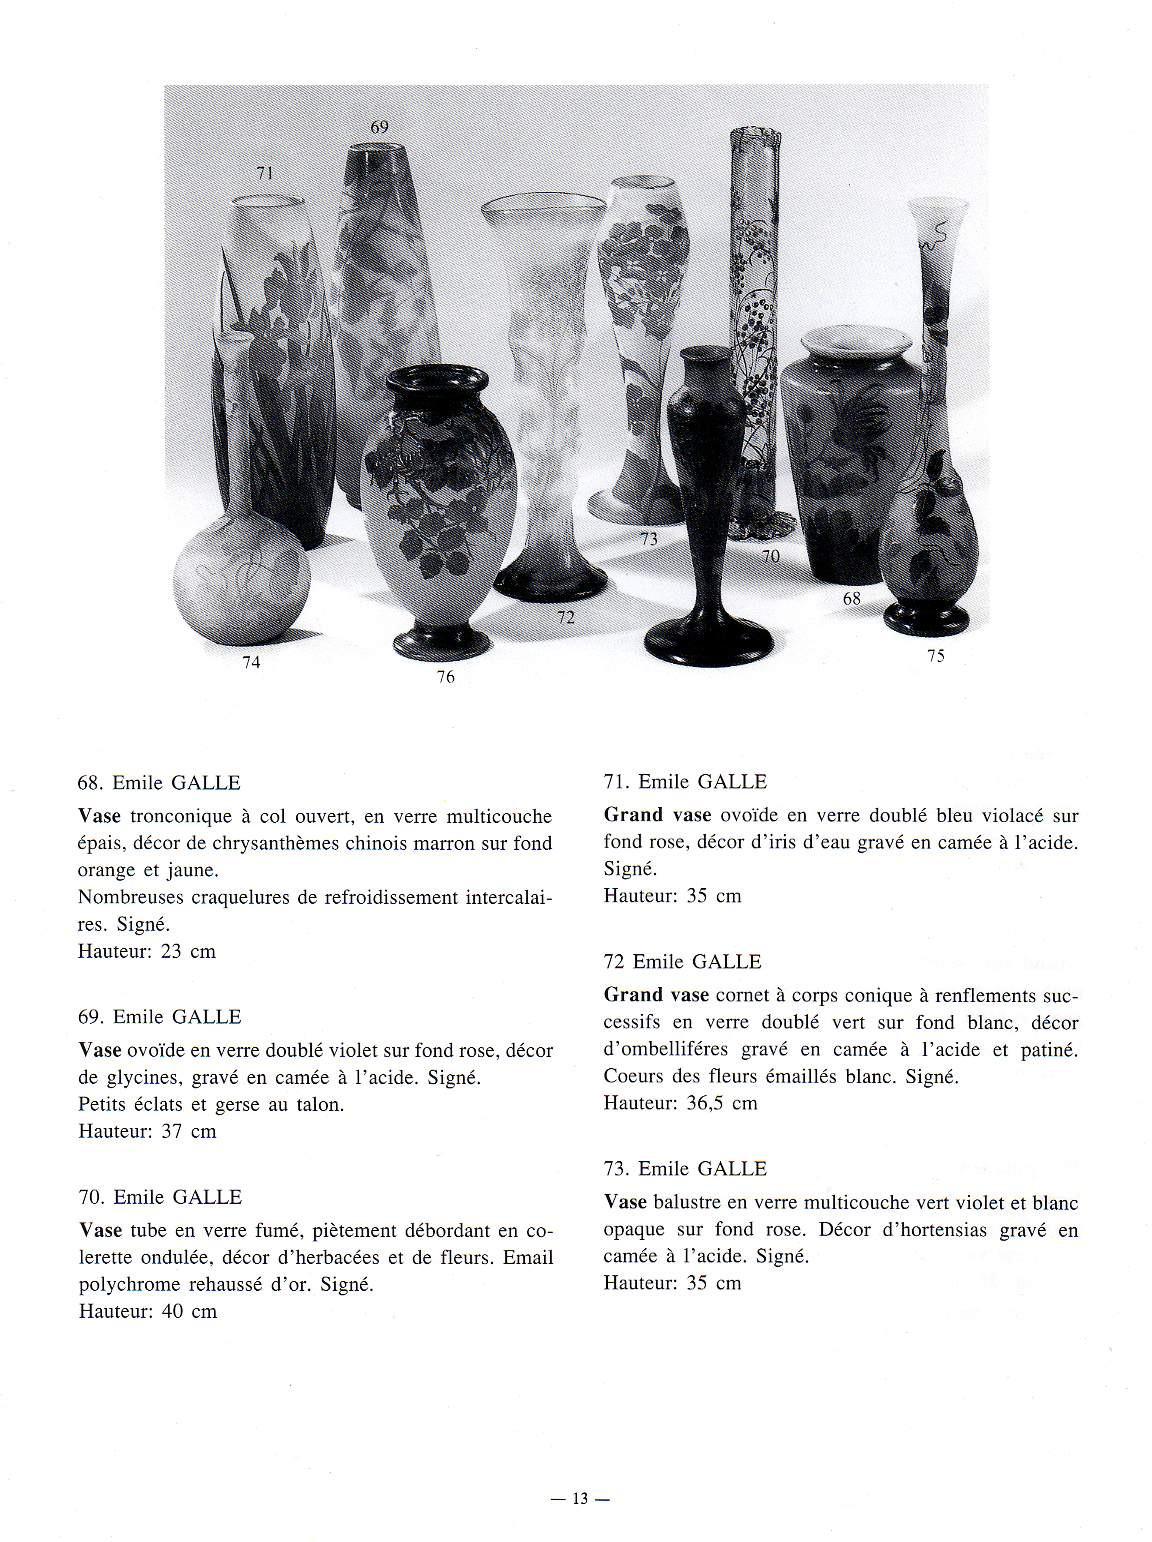 emile galle vase of vase galle unique regarding facture et catalogue fourni a lacheteur vase galle unique